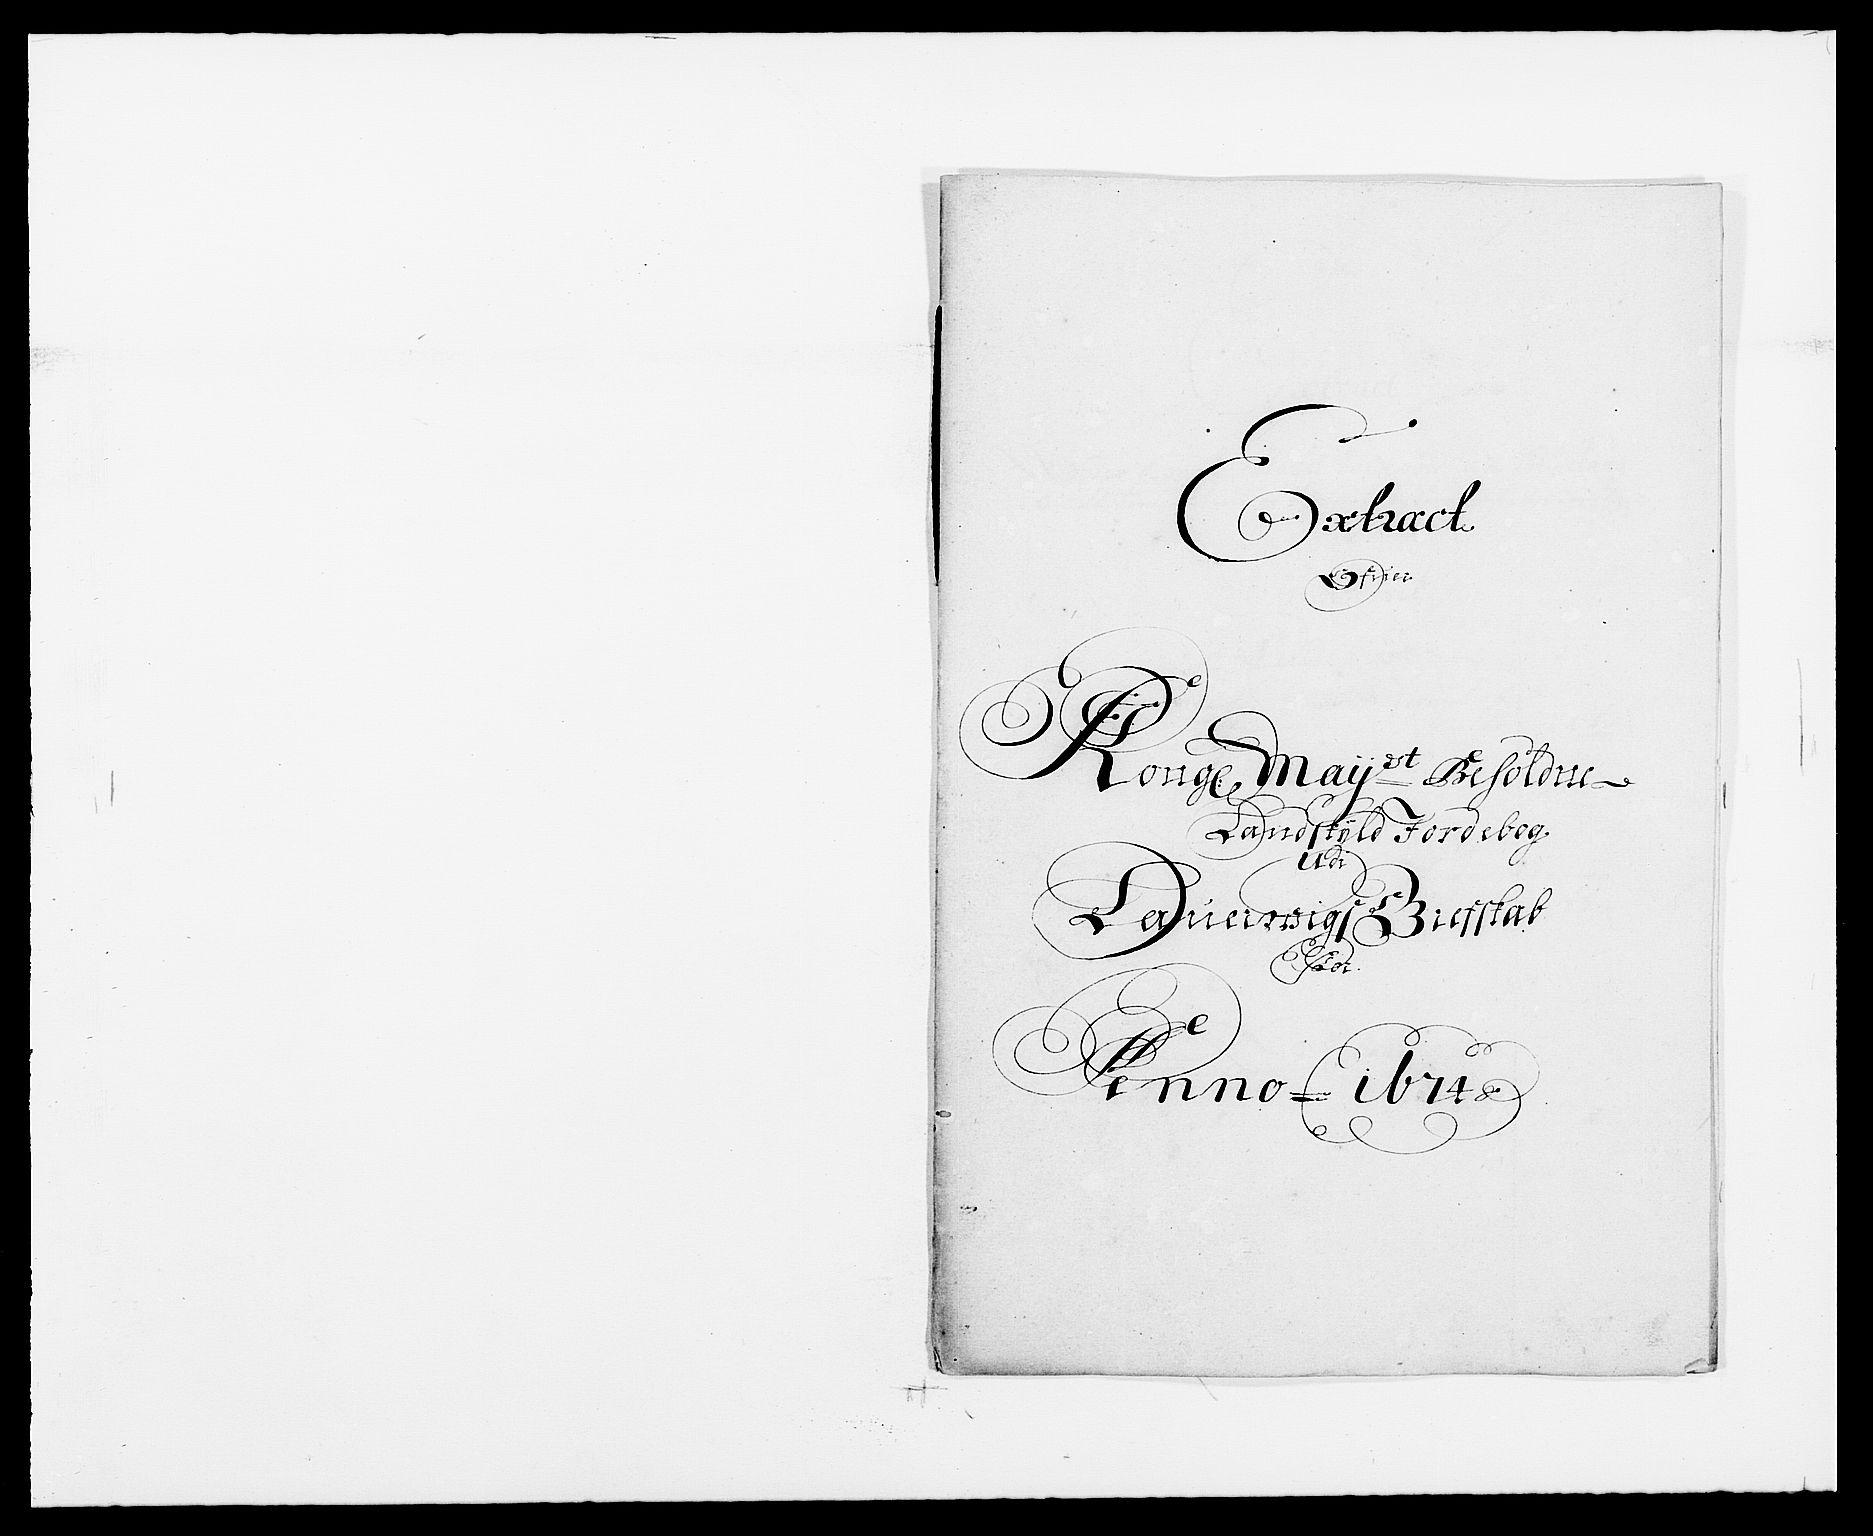 RA, Rentekammeret inntil 1814, Reviderte regnskaper, Fogderegnskap, R33/L1966: Fogderegnskap Larvik grevskap, 1672-1674, s. 242